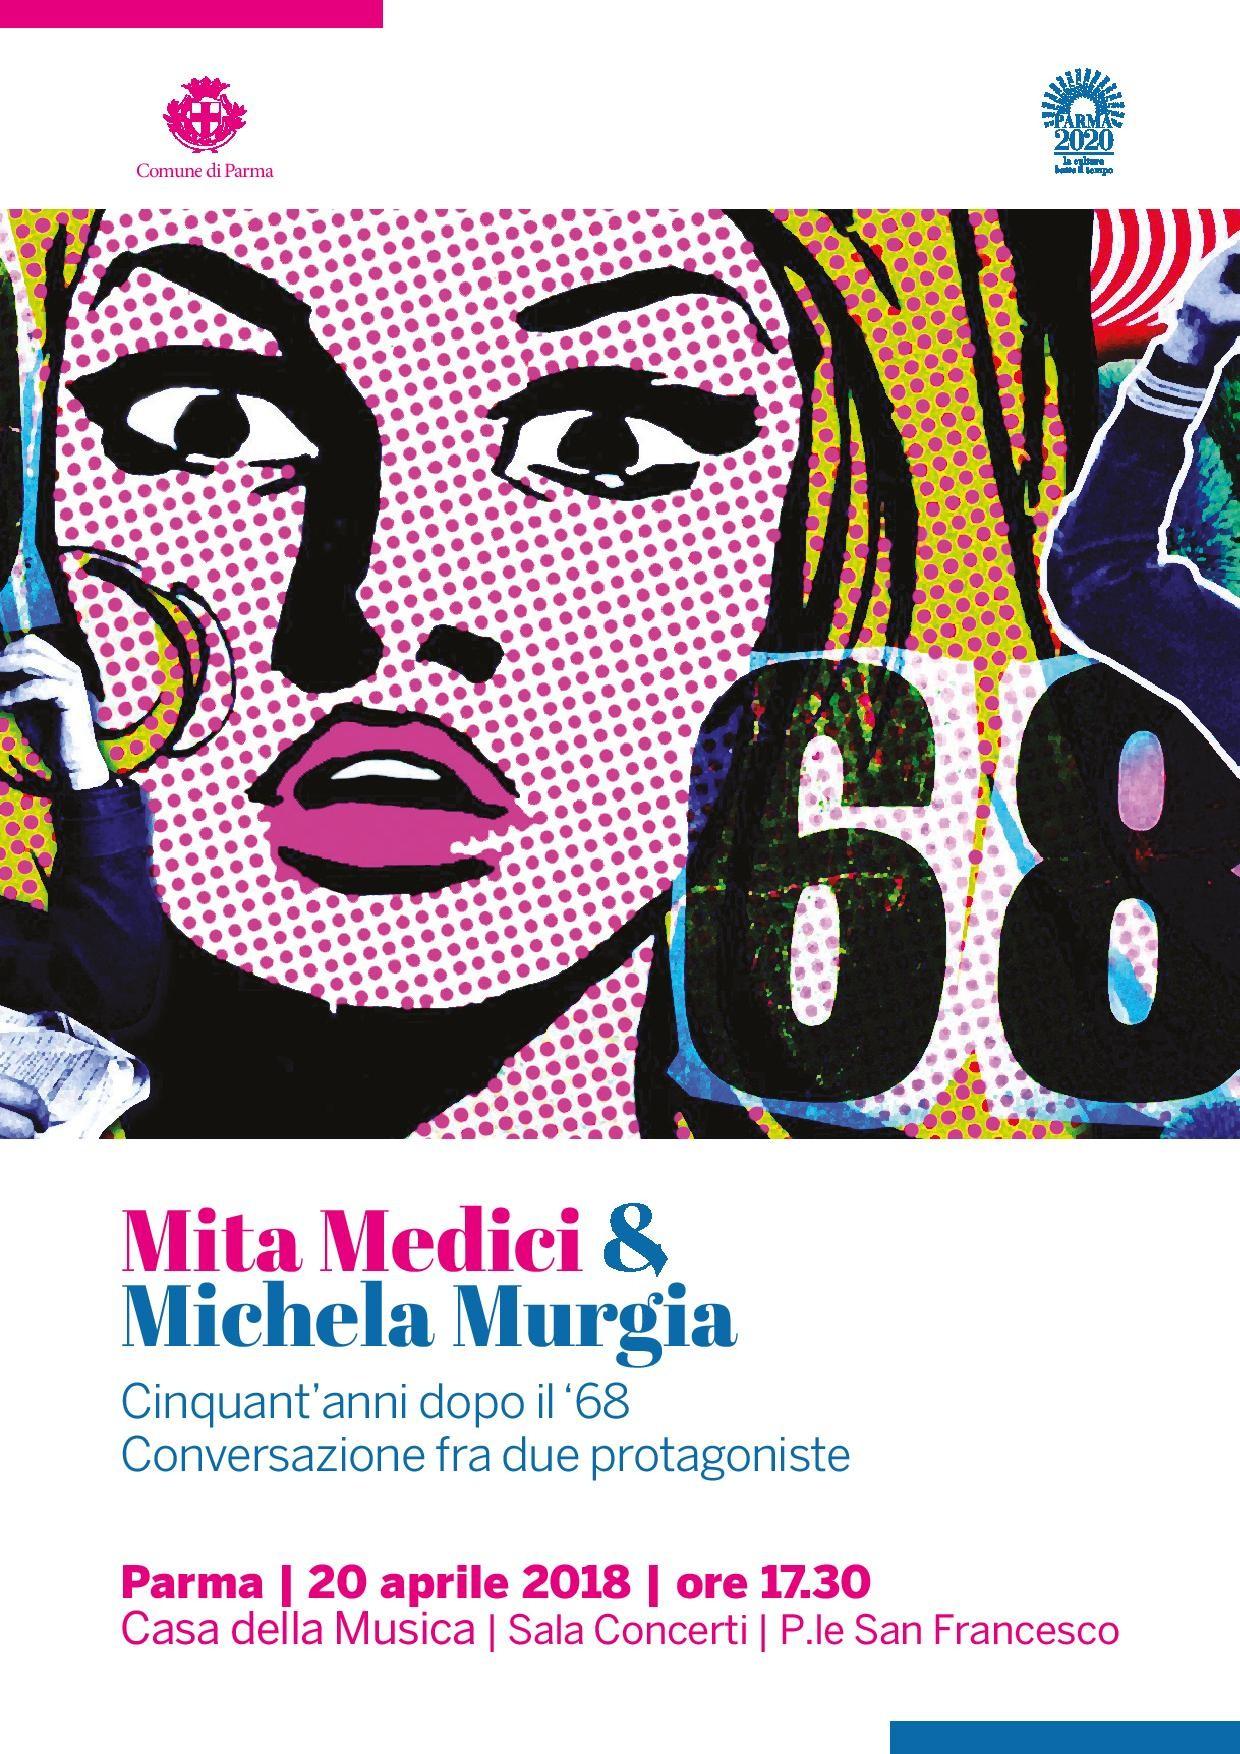 Conversazione fra Mita Medici e Michela Murgia, momento di riflessione sul '68 e su come è cambiata la vita delle donne